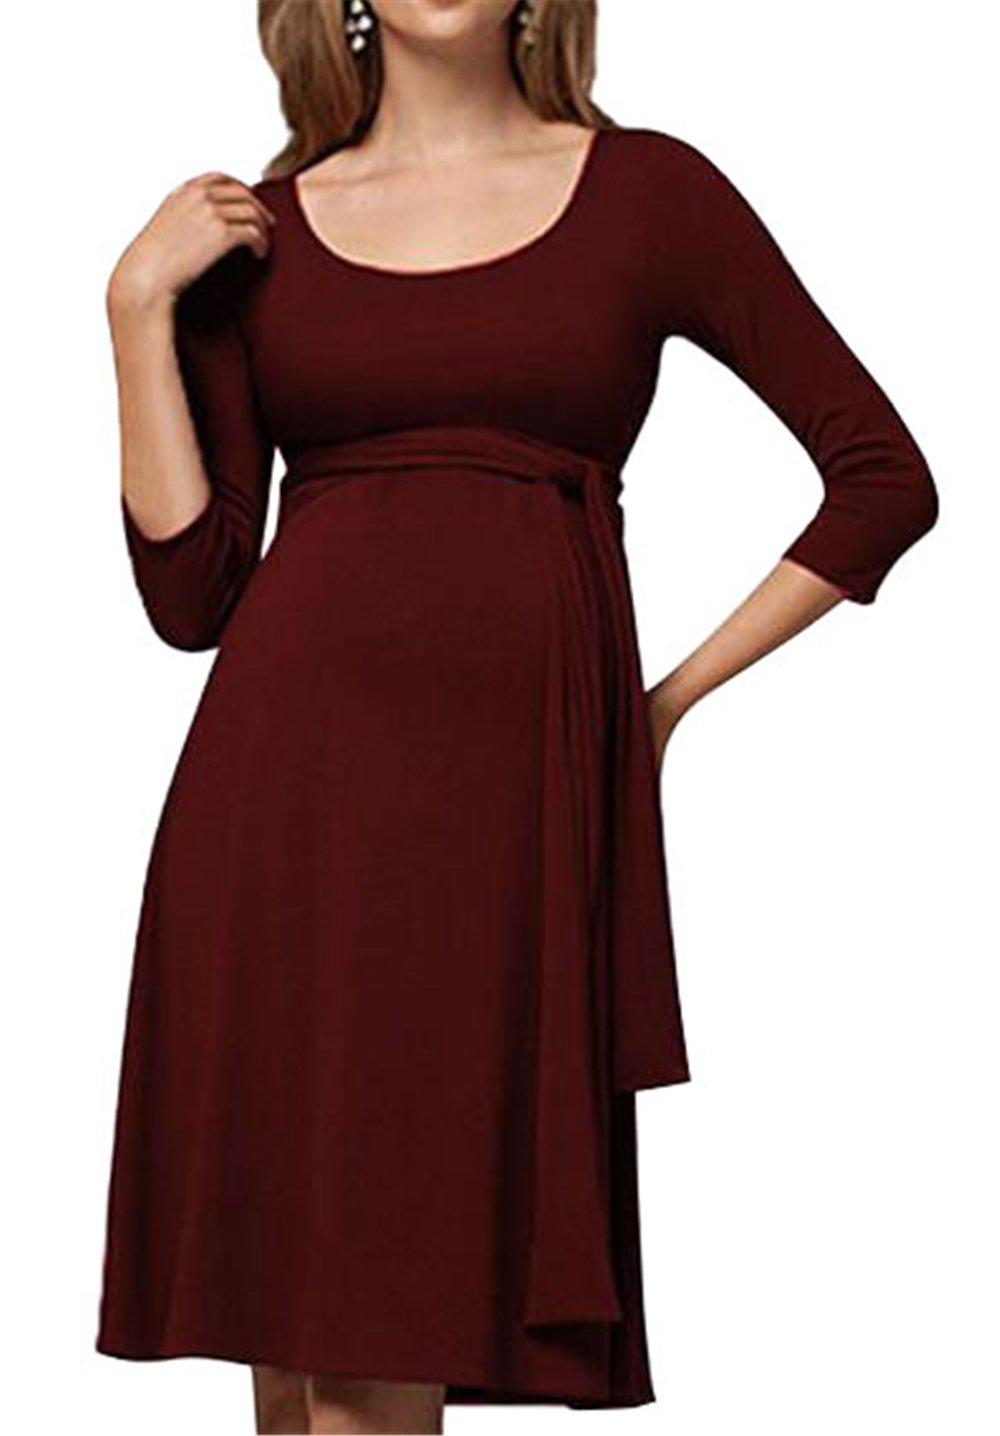 BESTHOO Vestido Para Embarazadas Mujer Vestido a Capa Lactancia Senora Vestidos De Verano Color Solido Mujeres Dress Manga 3/4 Cuello Redondo Vestido ...